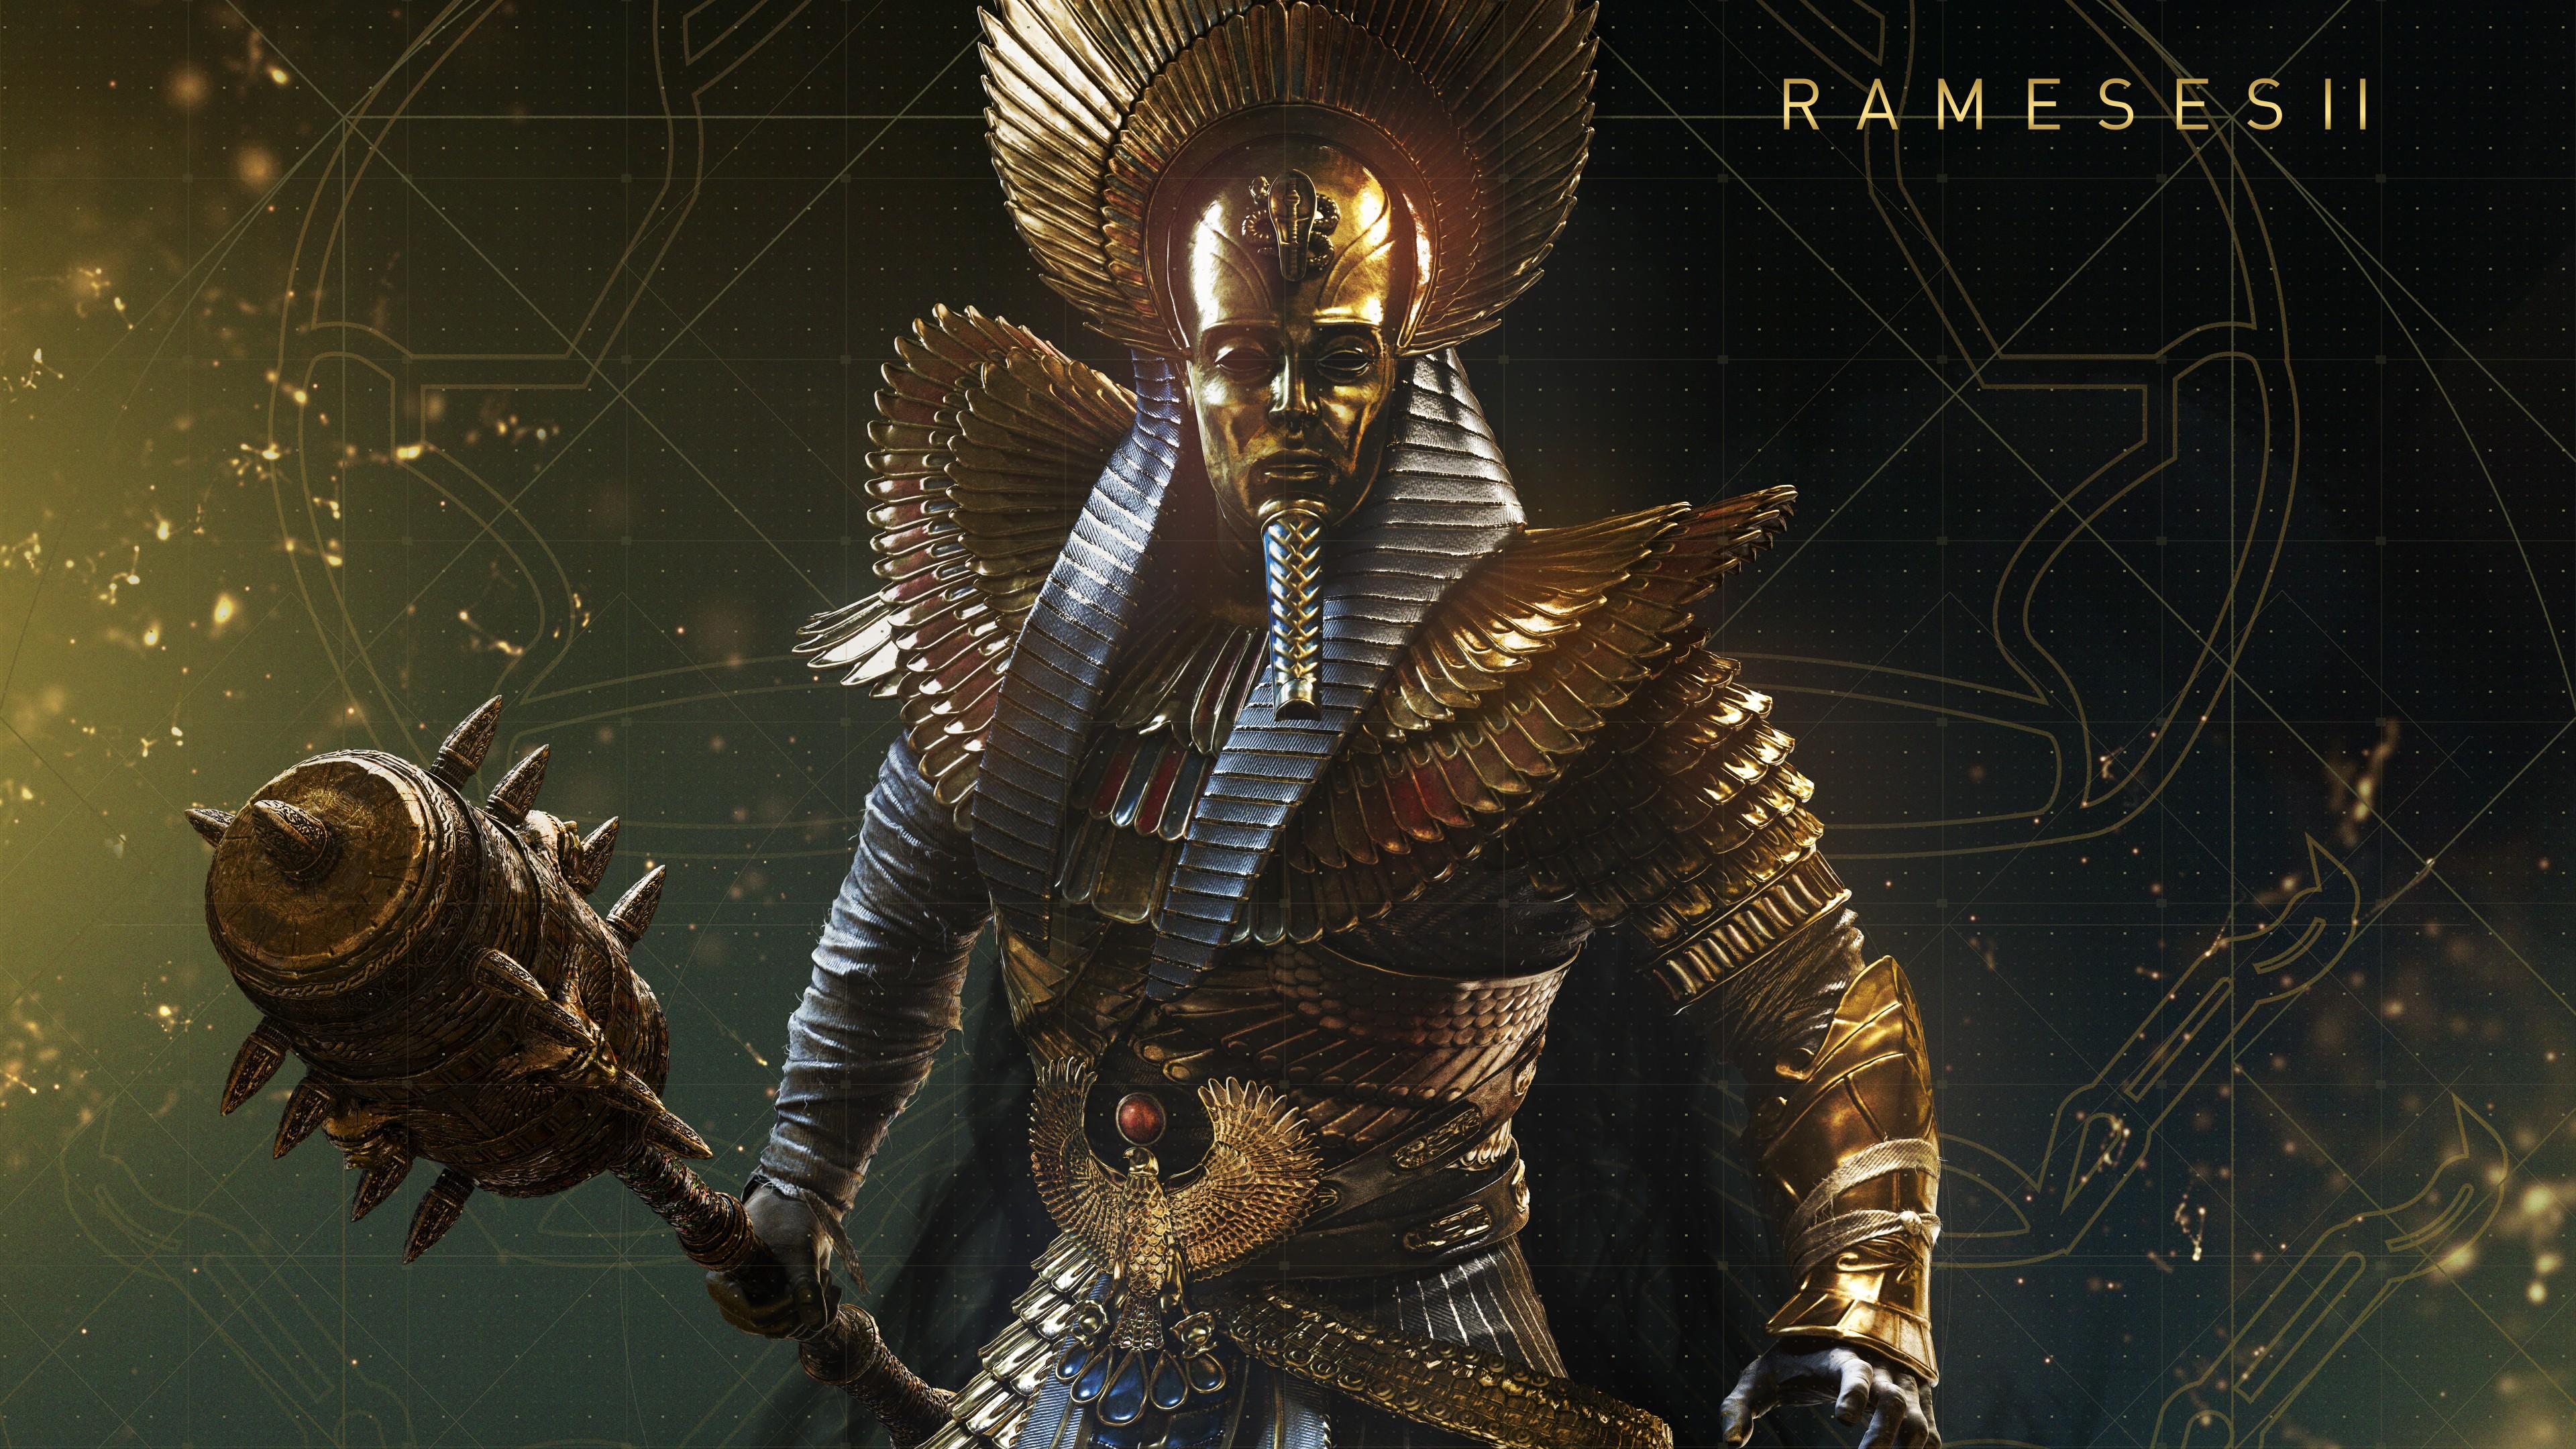 Великий фараон,победитель в золотой маске,доспехах с оружием в руках